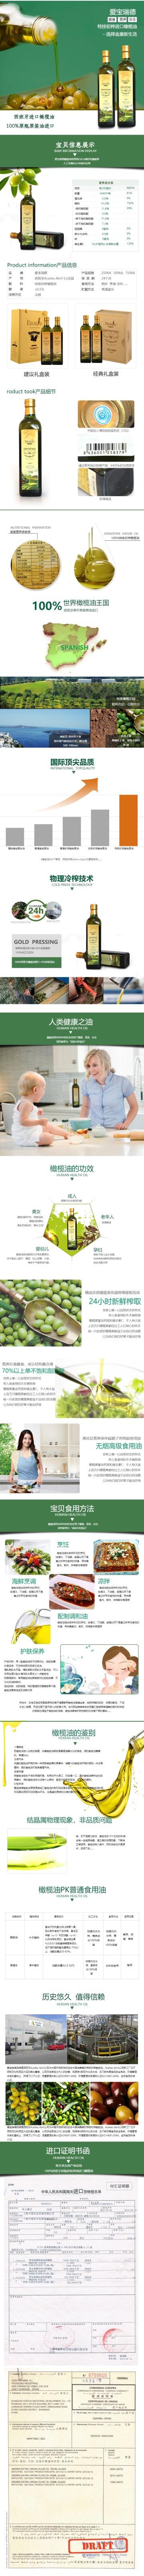 扁平简约百货零售粮油副食橄榄油促销电商详情页